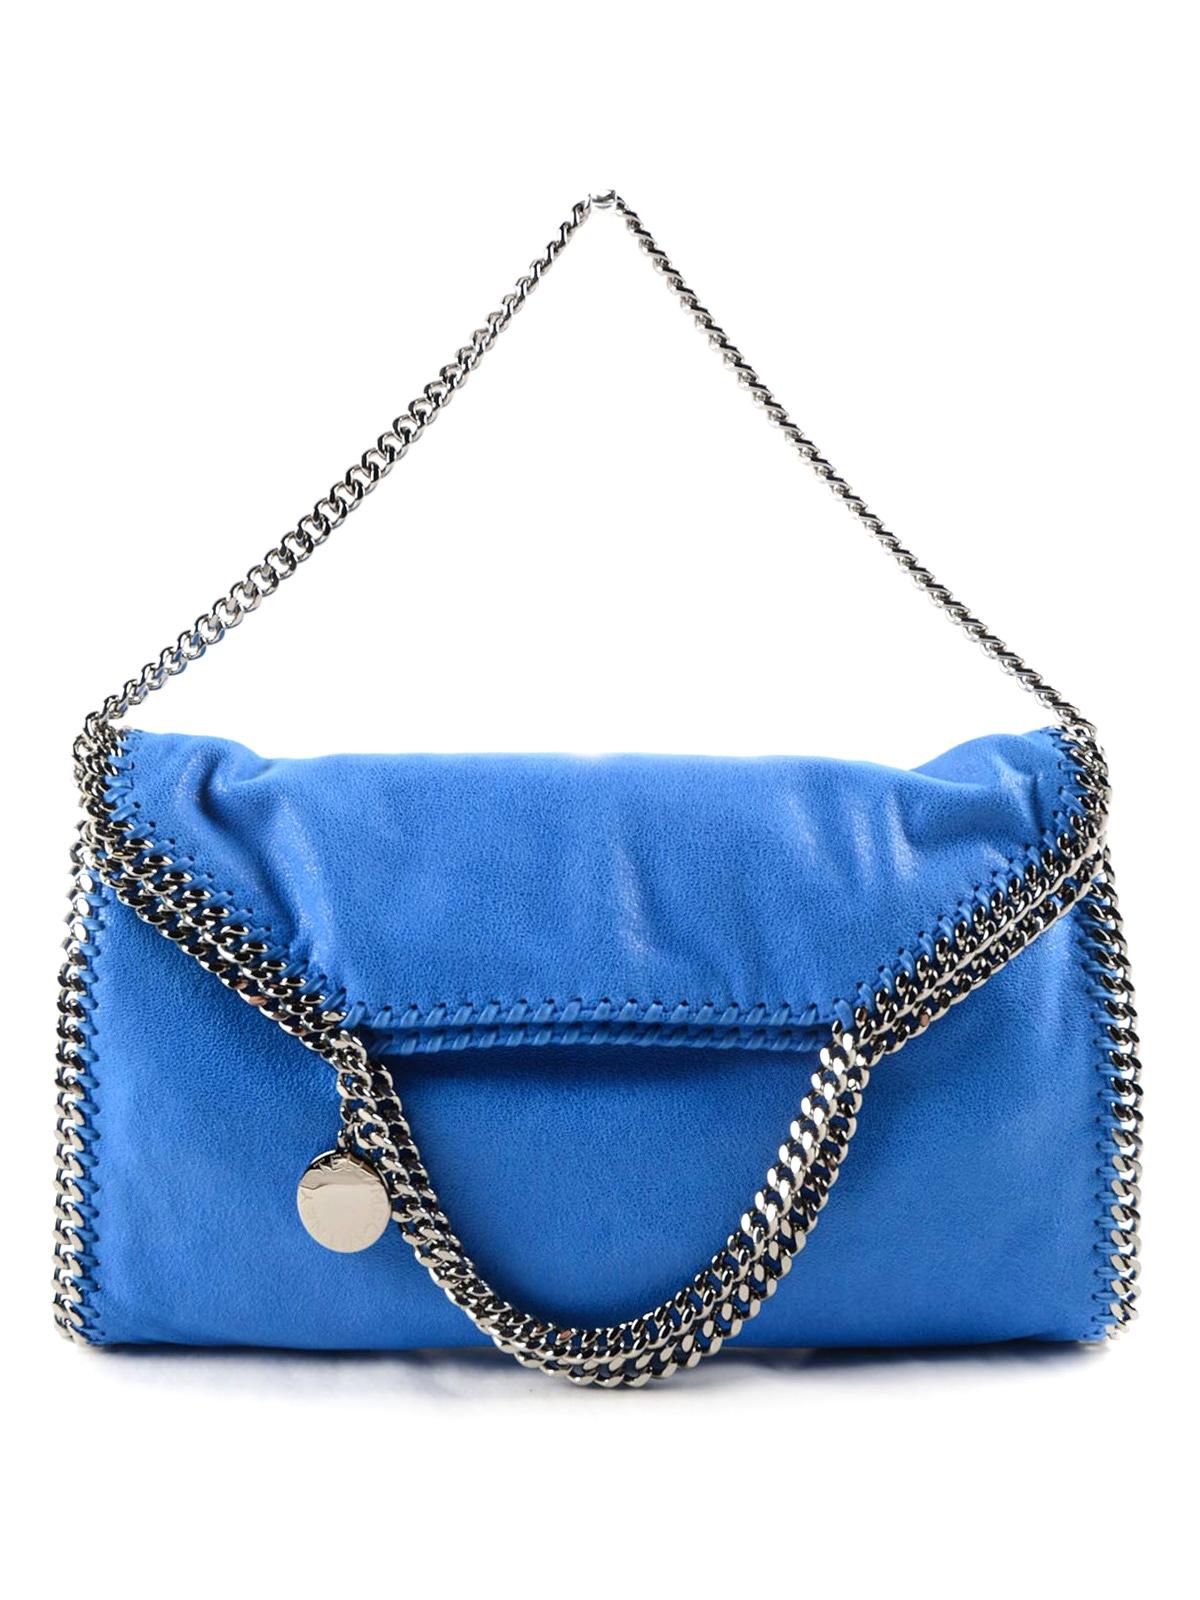 Stella Mccartney - Falabella three chain tote - totes bags - 234387 ... 5b976e89184d8